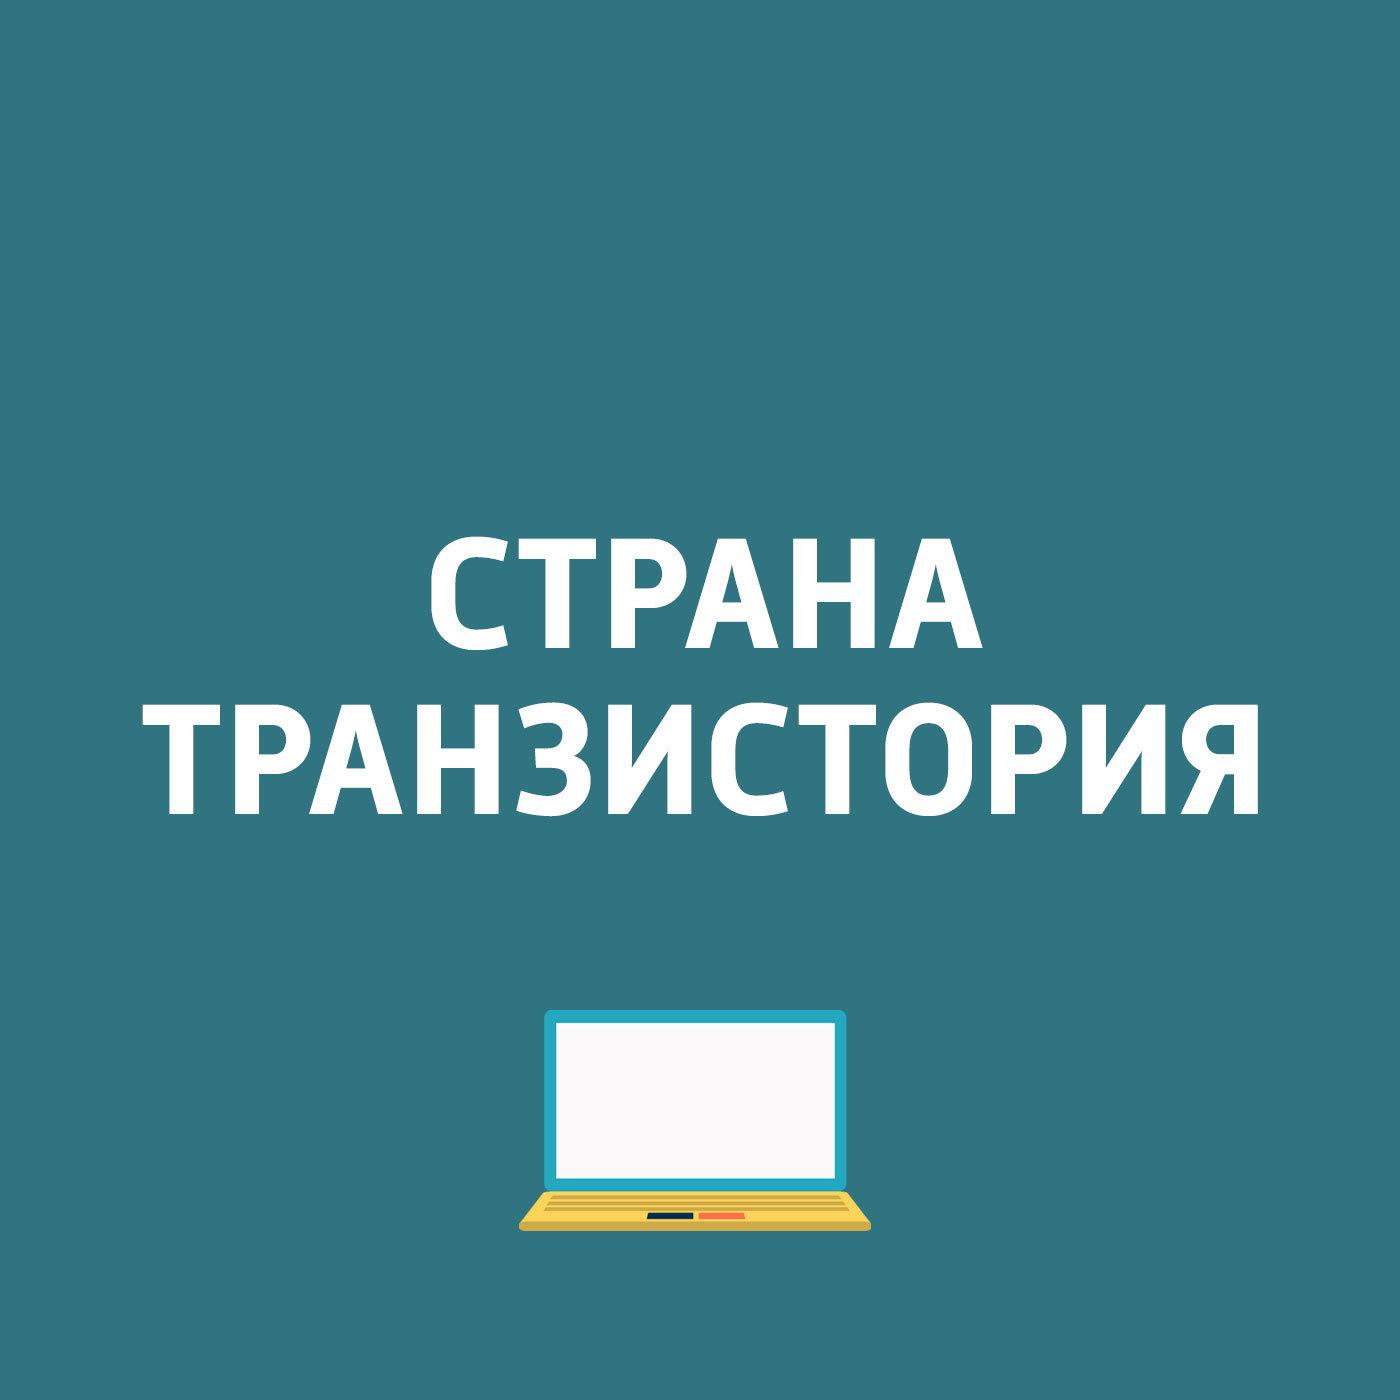 Картаев Павел Надоедливое Prisma; Цукерберг заклеивает веб-камеру; «Твиттер увеличил видео... смартфон